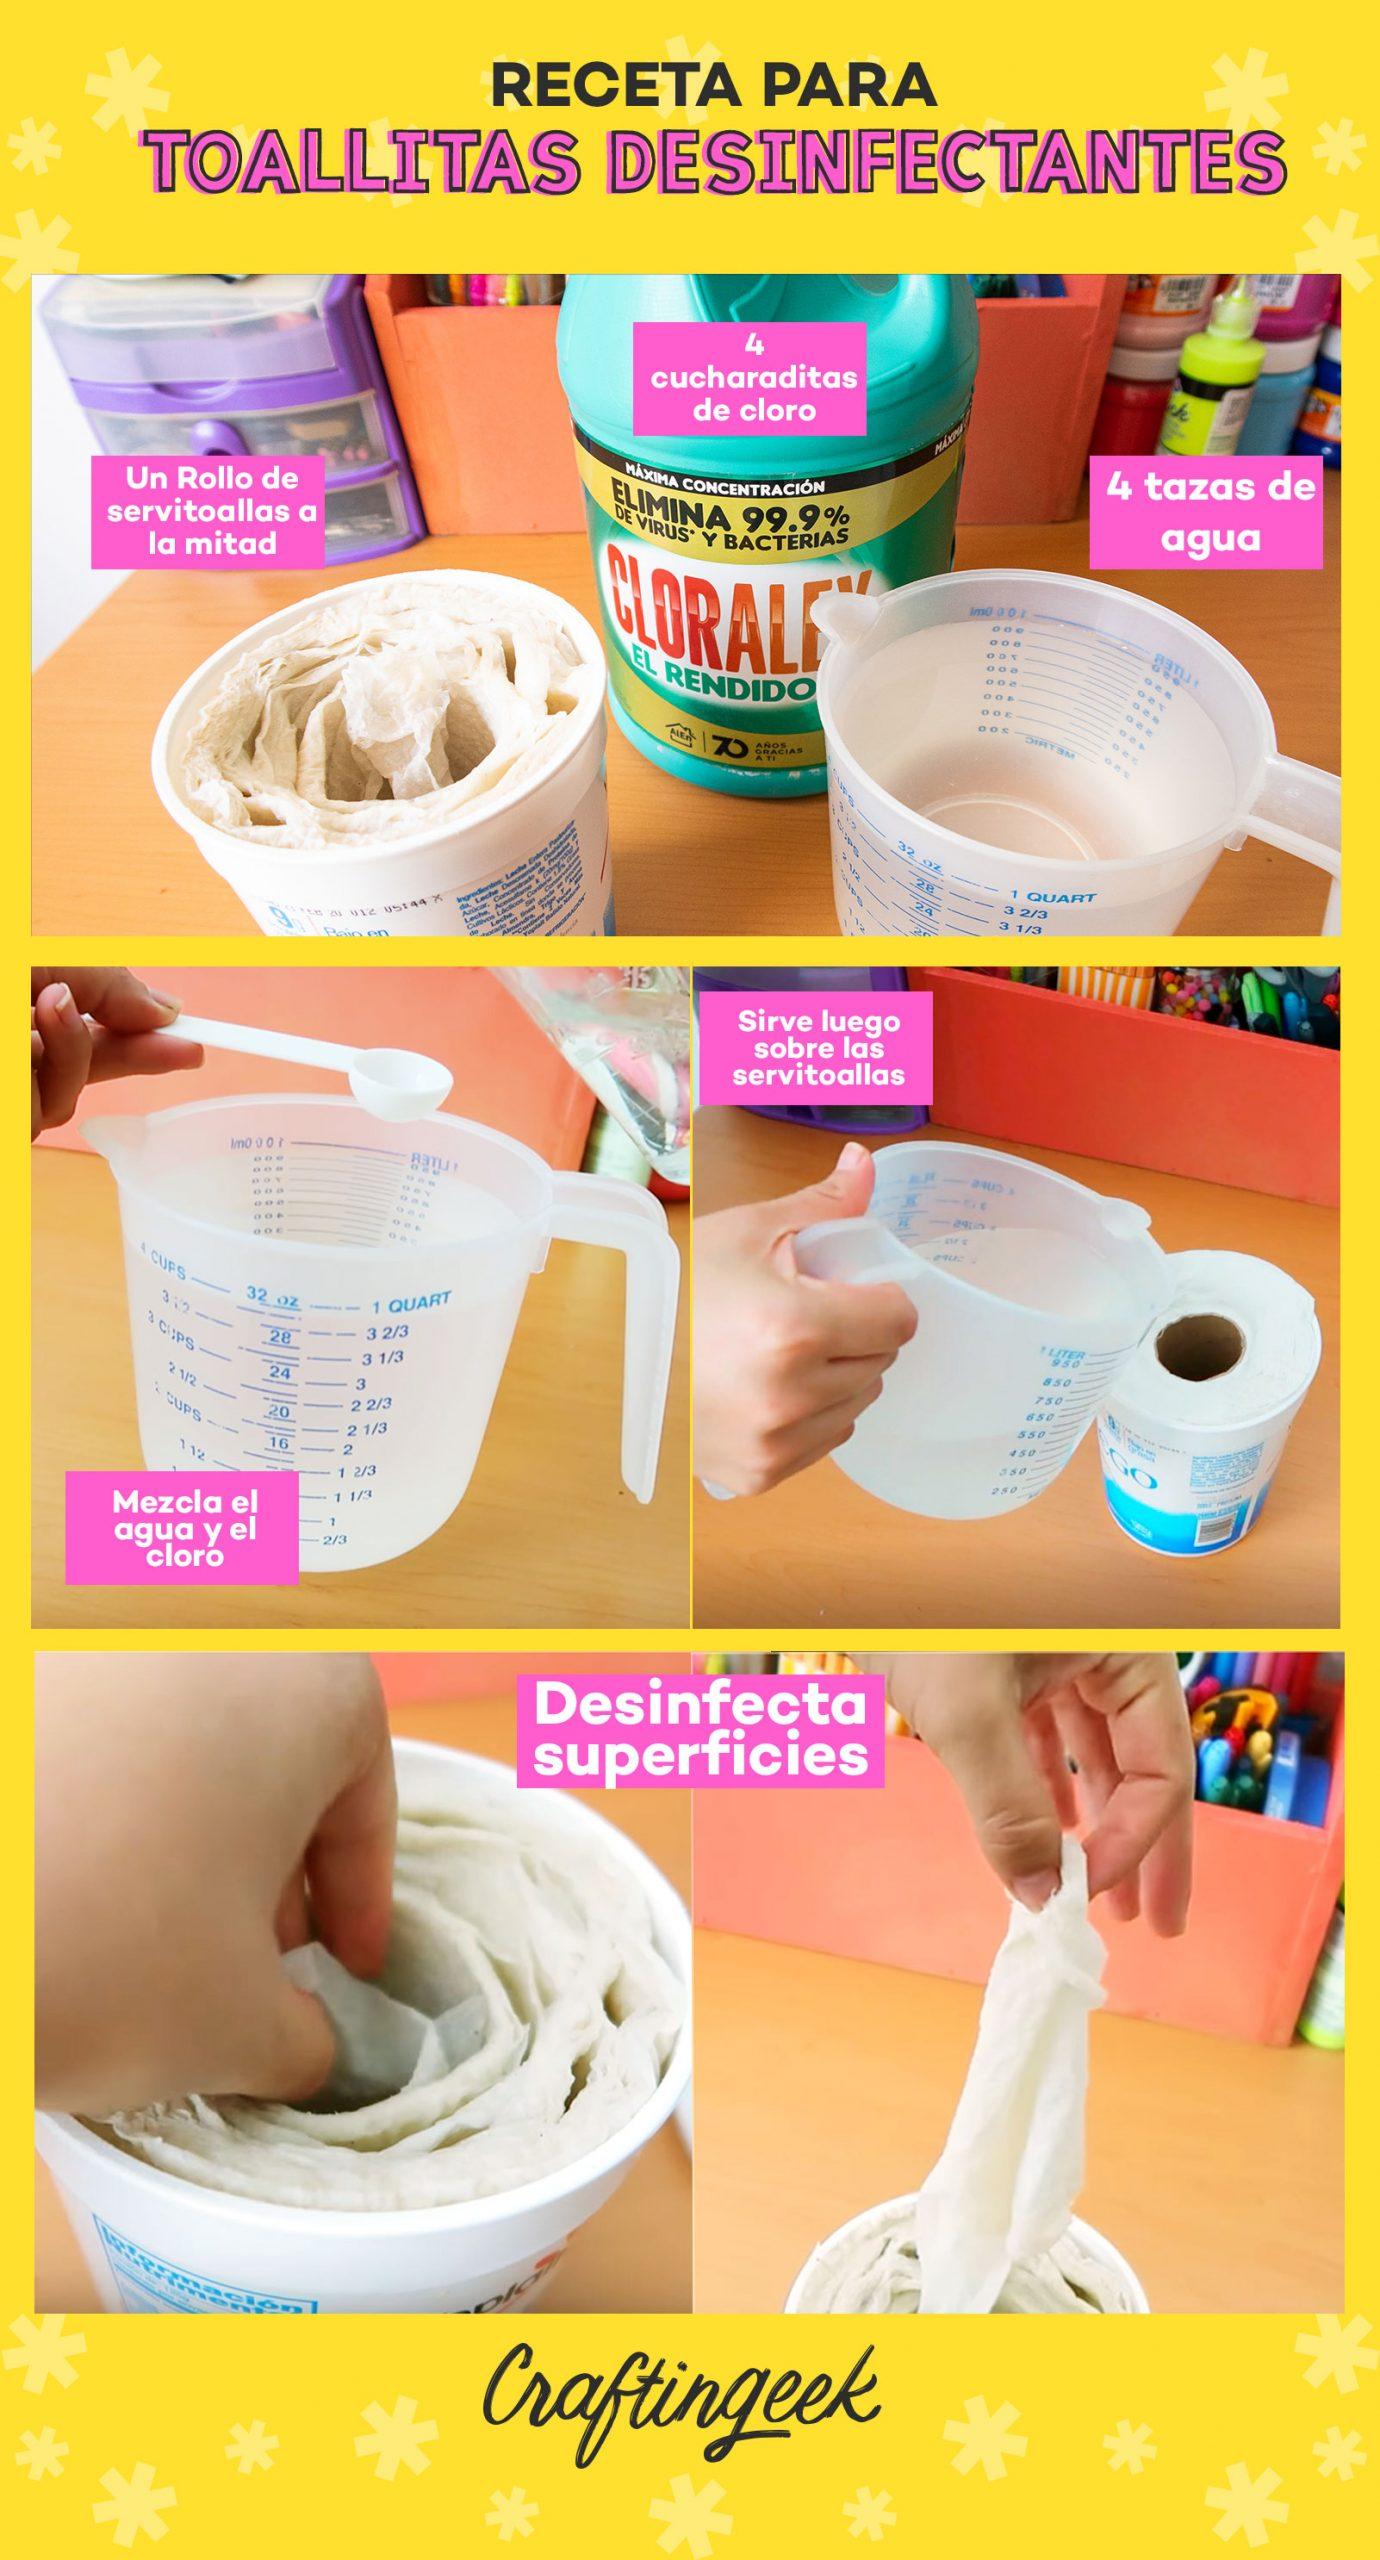 Cómo hacer toallitas desinfectantes de cloro para la casa